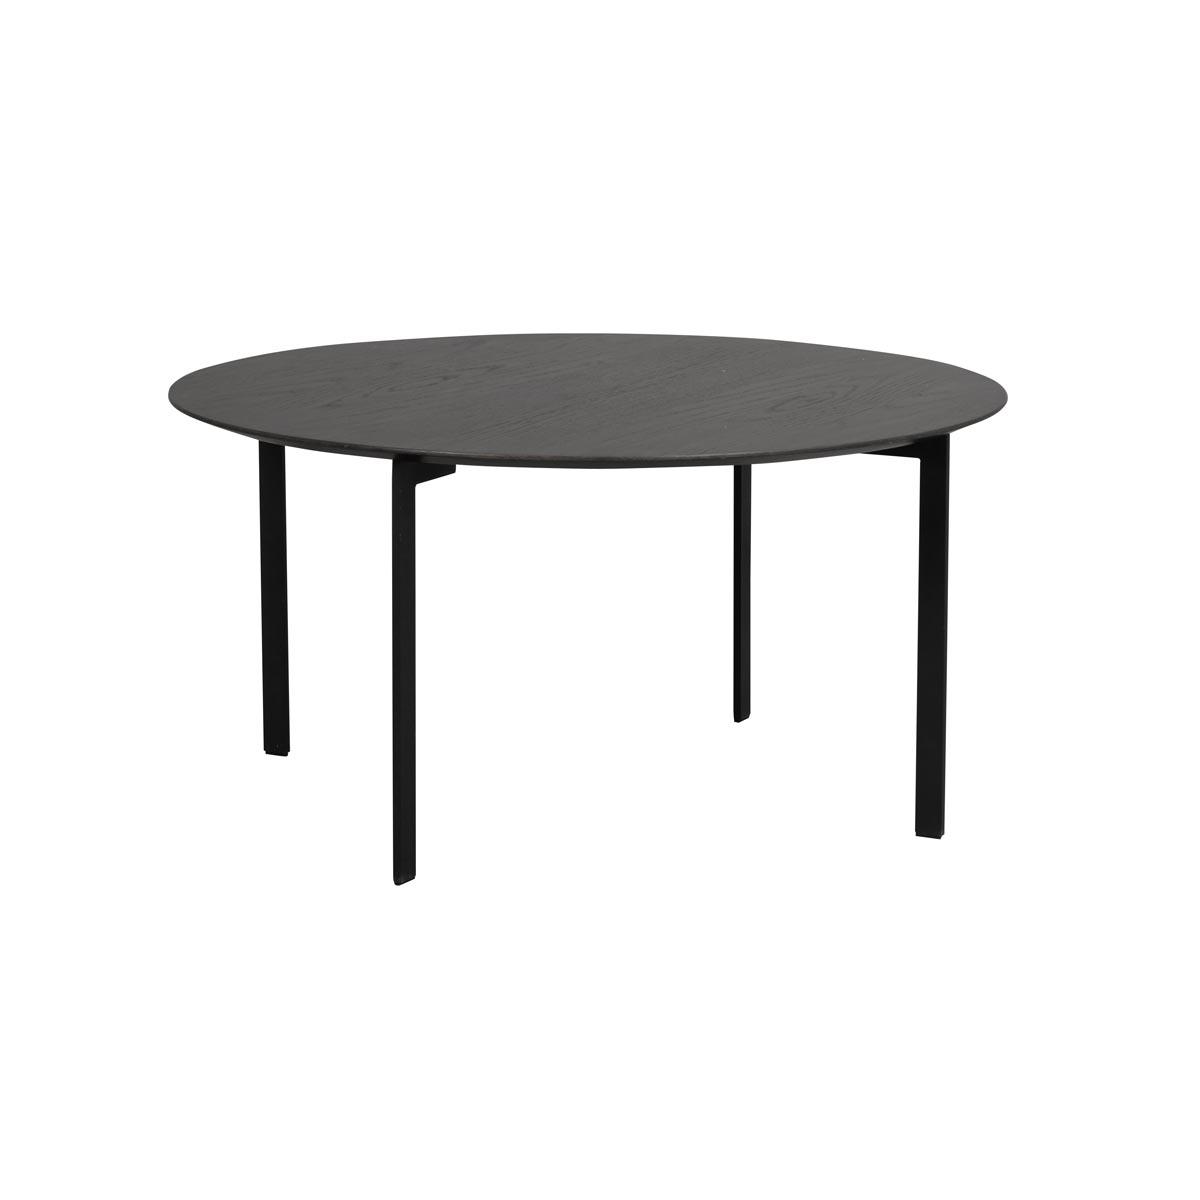 Spencer-soffbord-svart-runt-119272_b